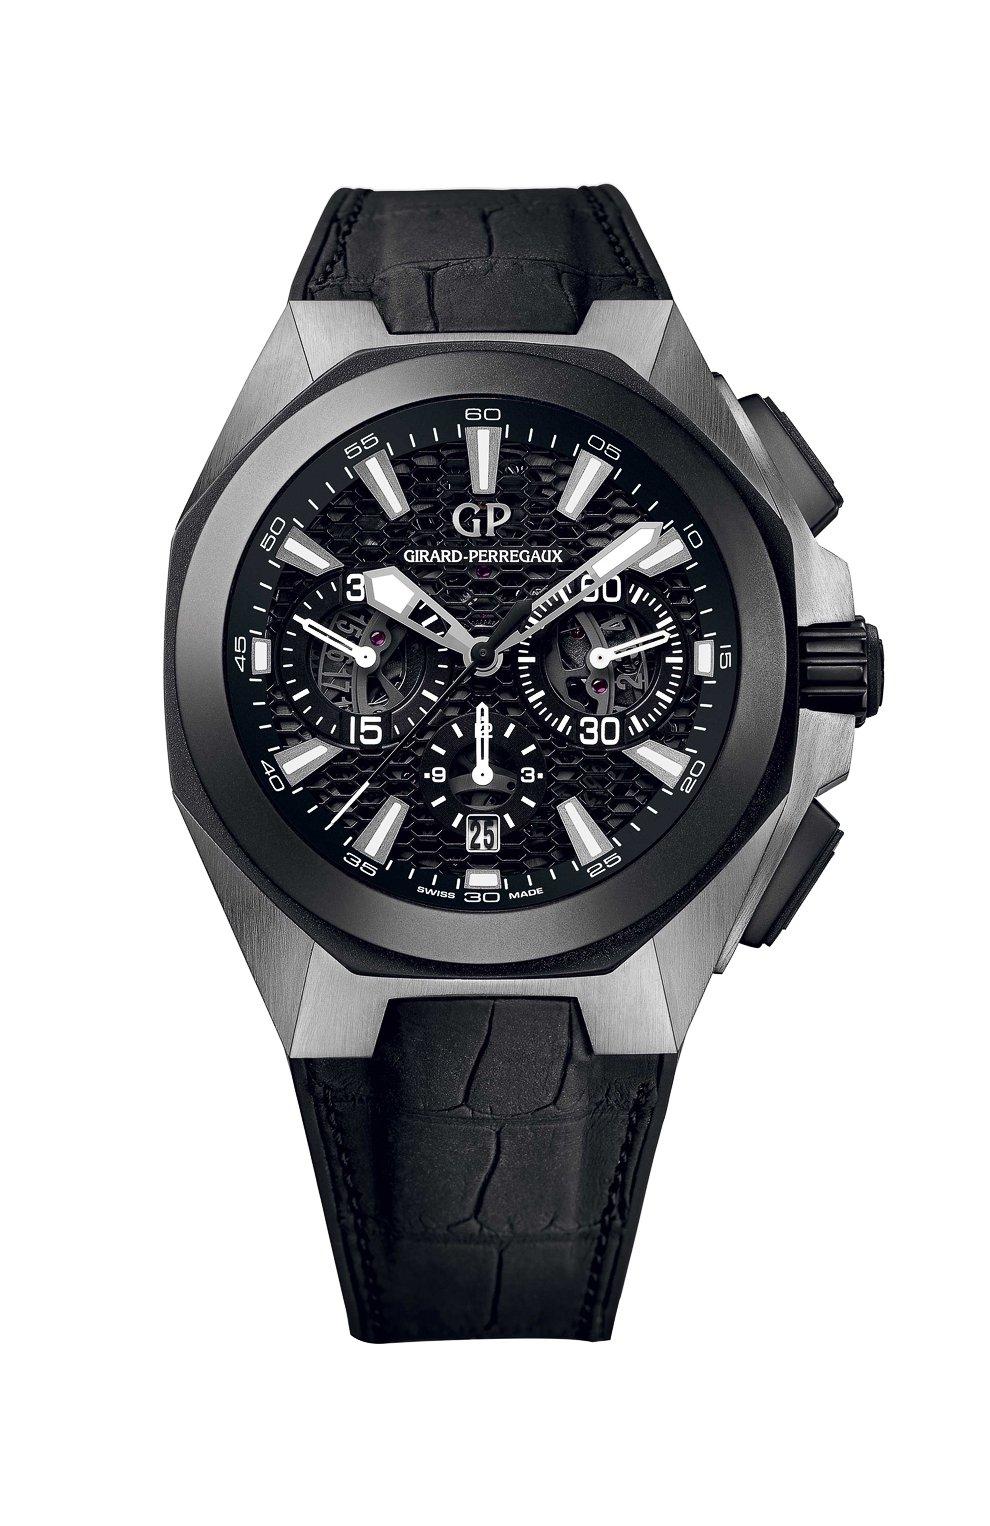 Мужские часы titanium ceramic black chrono GIRARD-PERREGAUX бесцветного цвета, арт. 49971-37-631-BB6A   Фото 1 (Материал корпуса: Другое; Механизм: Автомат; Цвет циферблата: Чёрный)